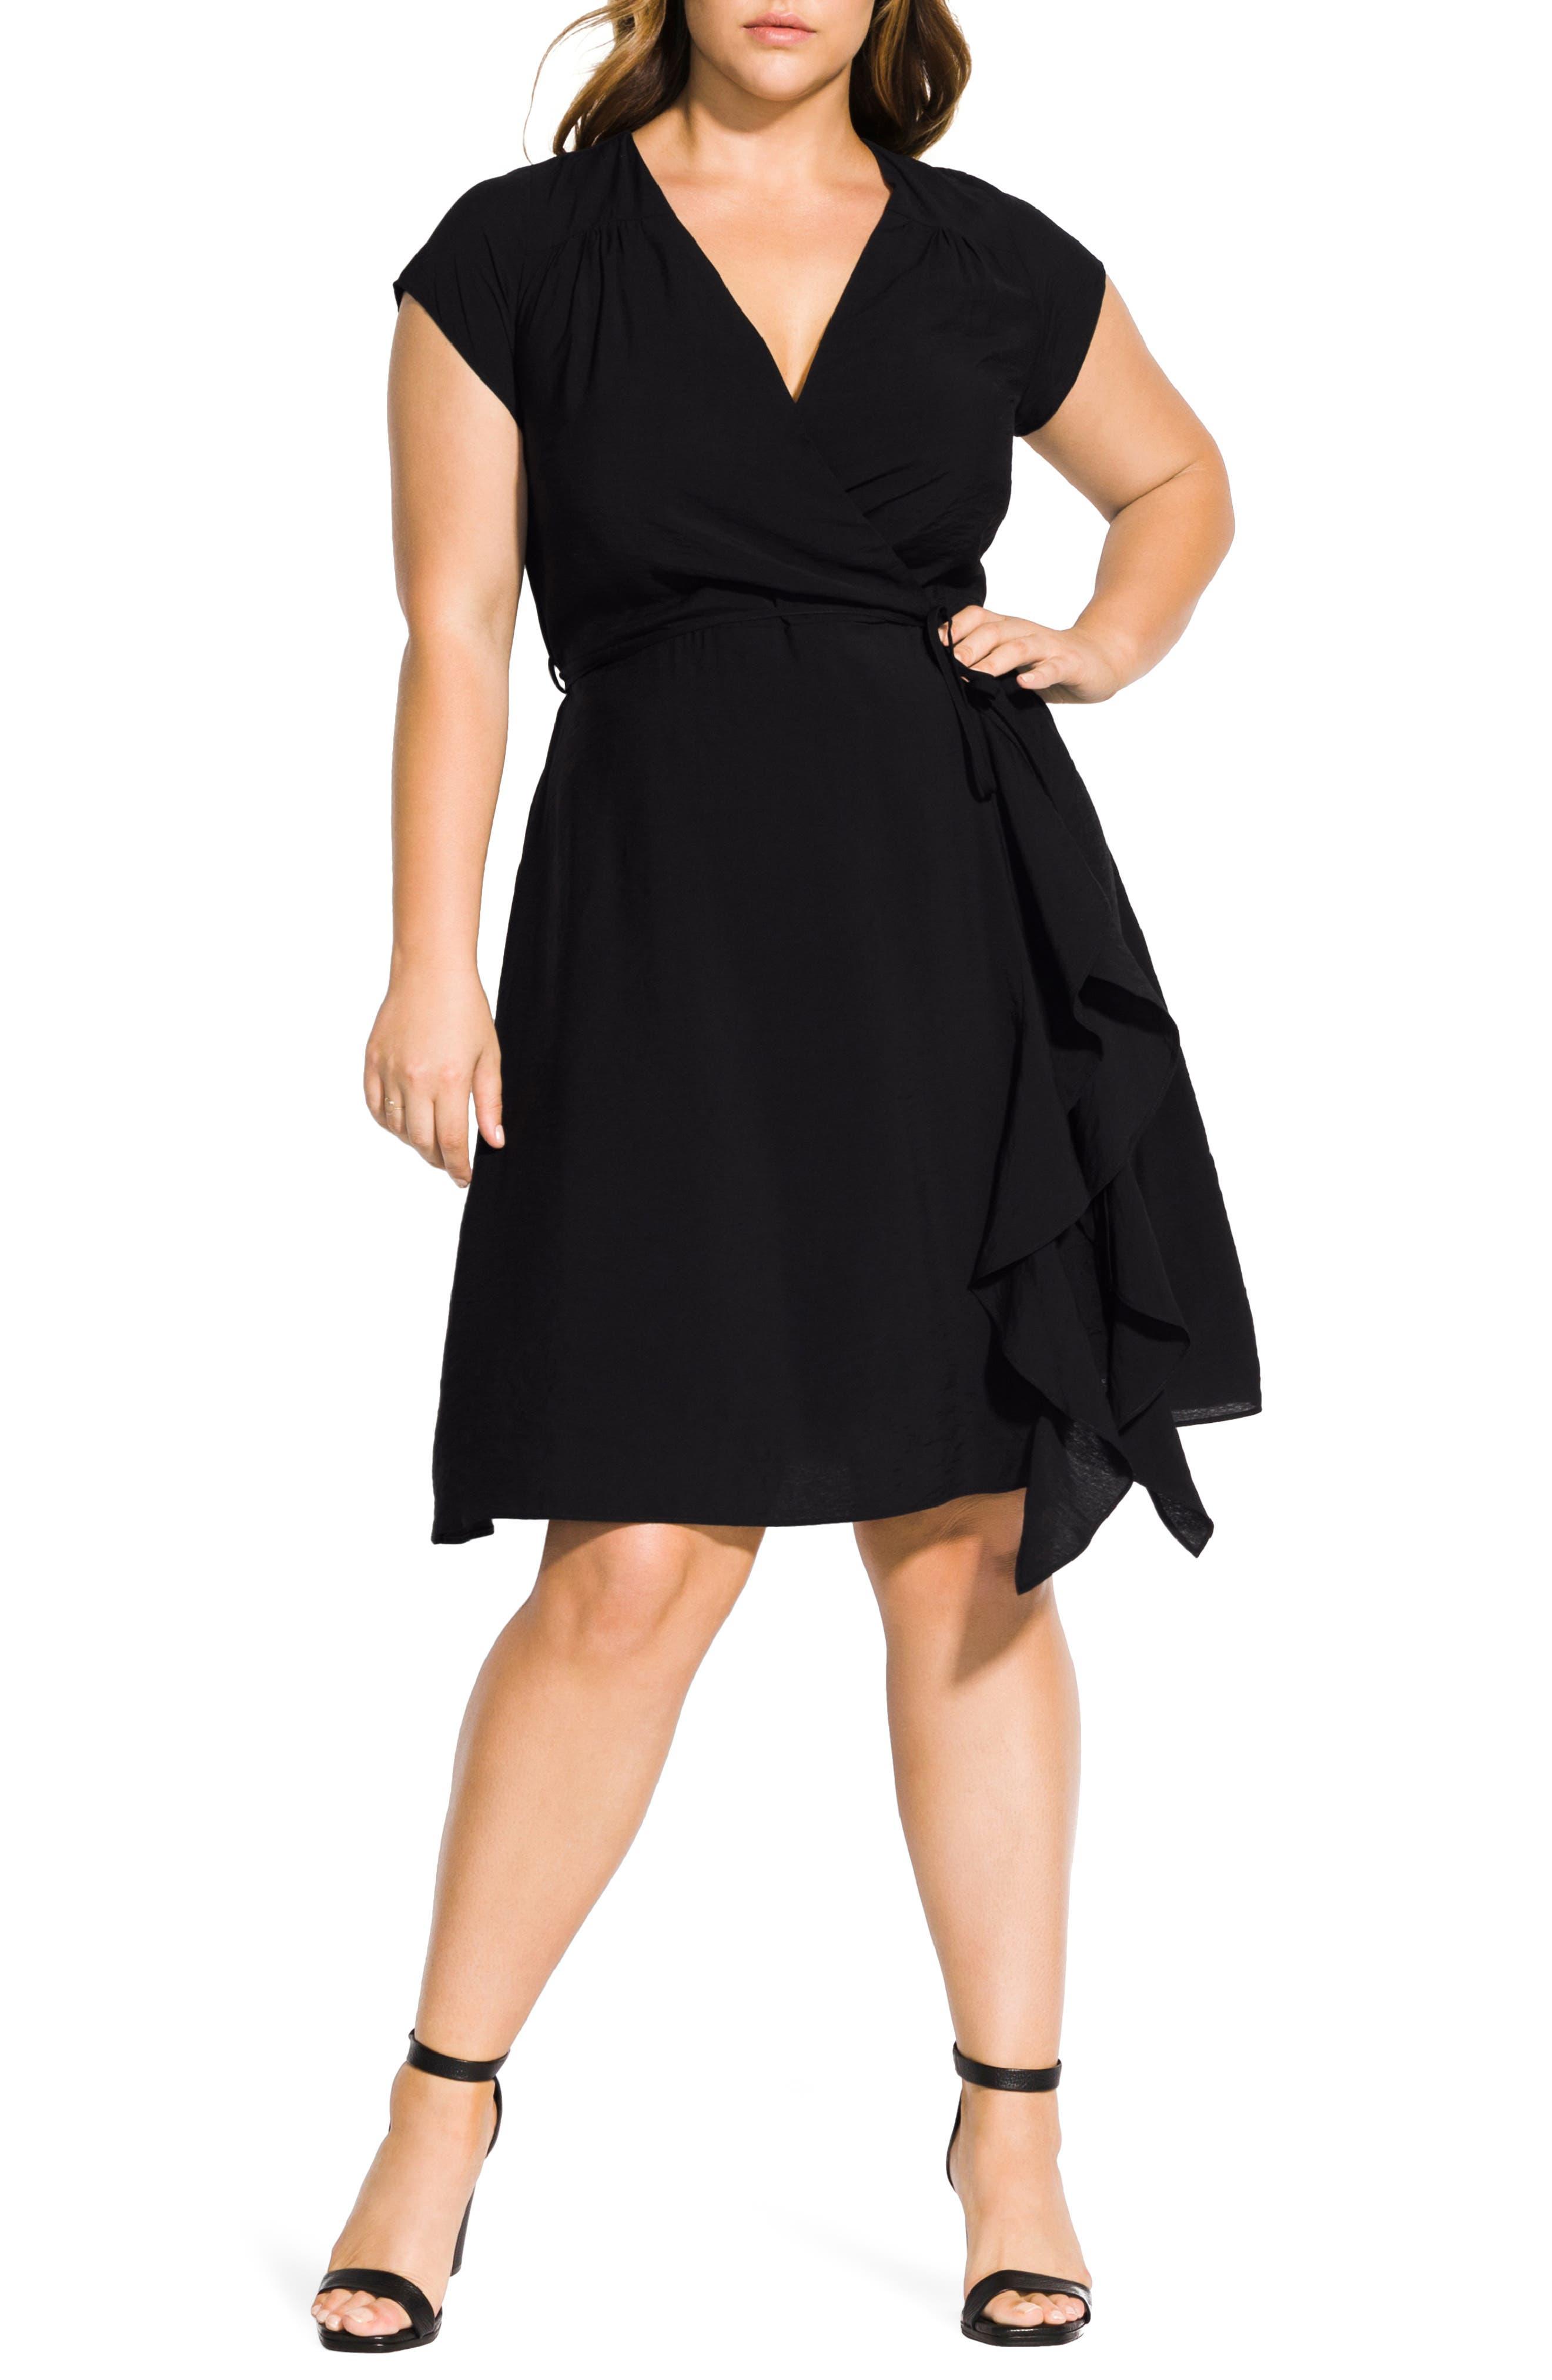 1940s Plus Size Dresses | Swing Dress, Tea Dress Plus Size Womens City Chic Ruffled Satin Faux Wrap Dress Size XX-Large - Black $69.30 AT vintagedancer.com